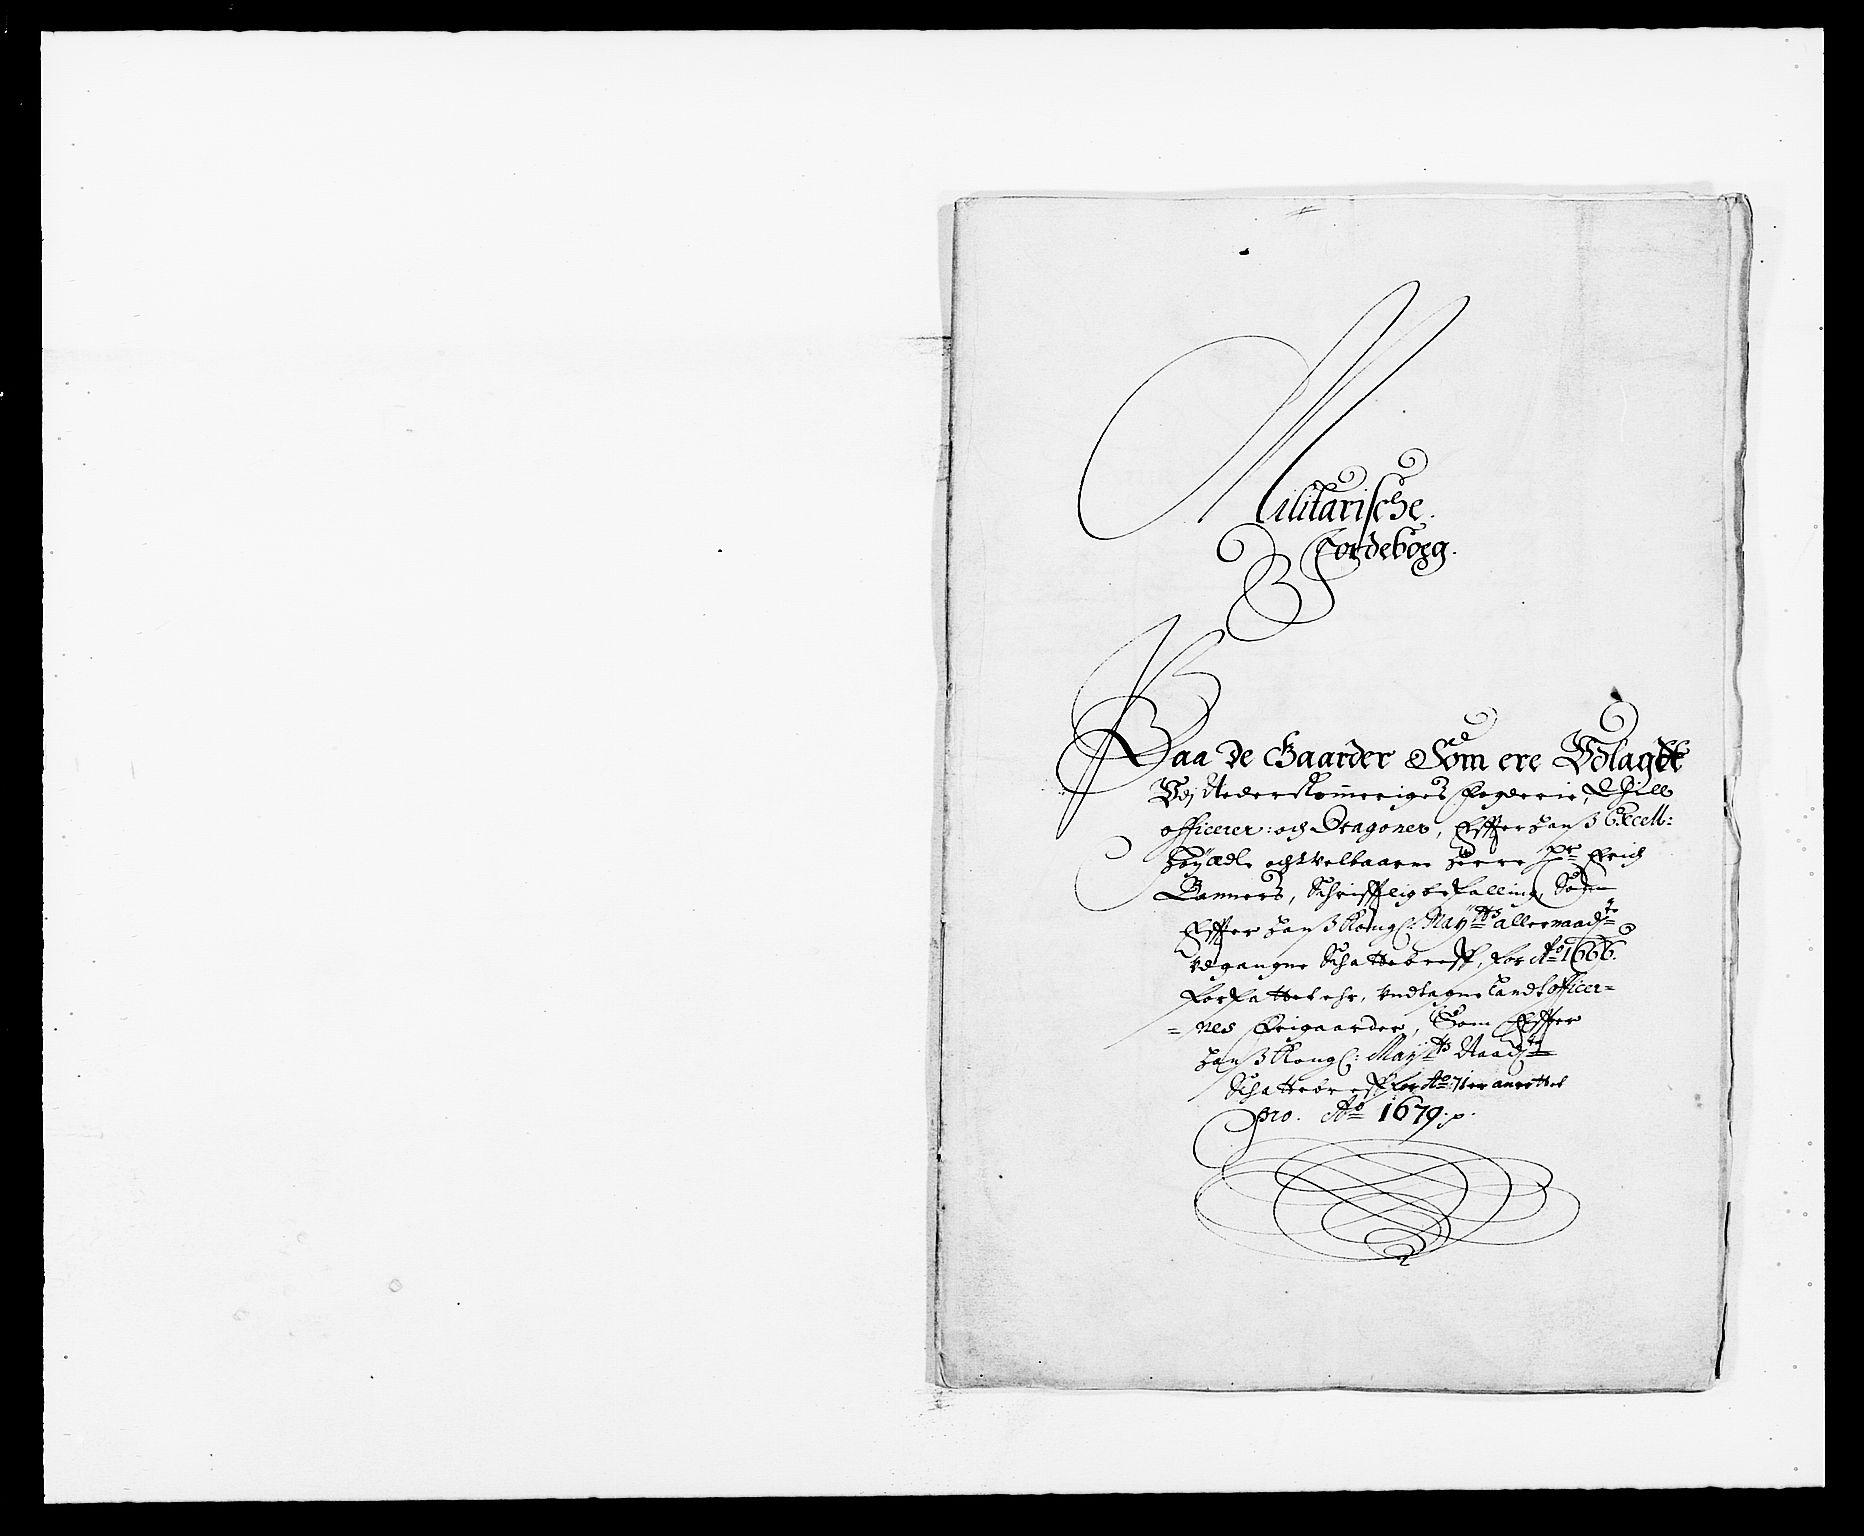 RA, Rentekammeret inntil 1814, Reviderte regnskaper, Fogderegnskap, R11/L0568: Fogderegnskap Nedre Romerike, 1679, s. 233